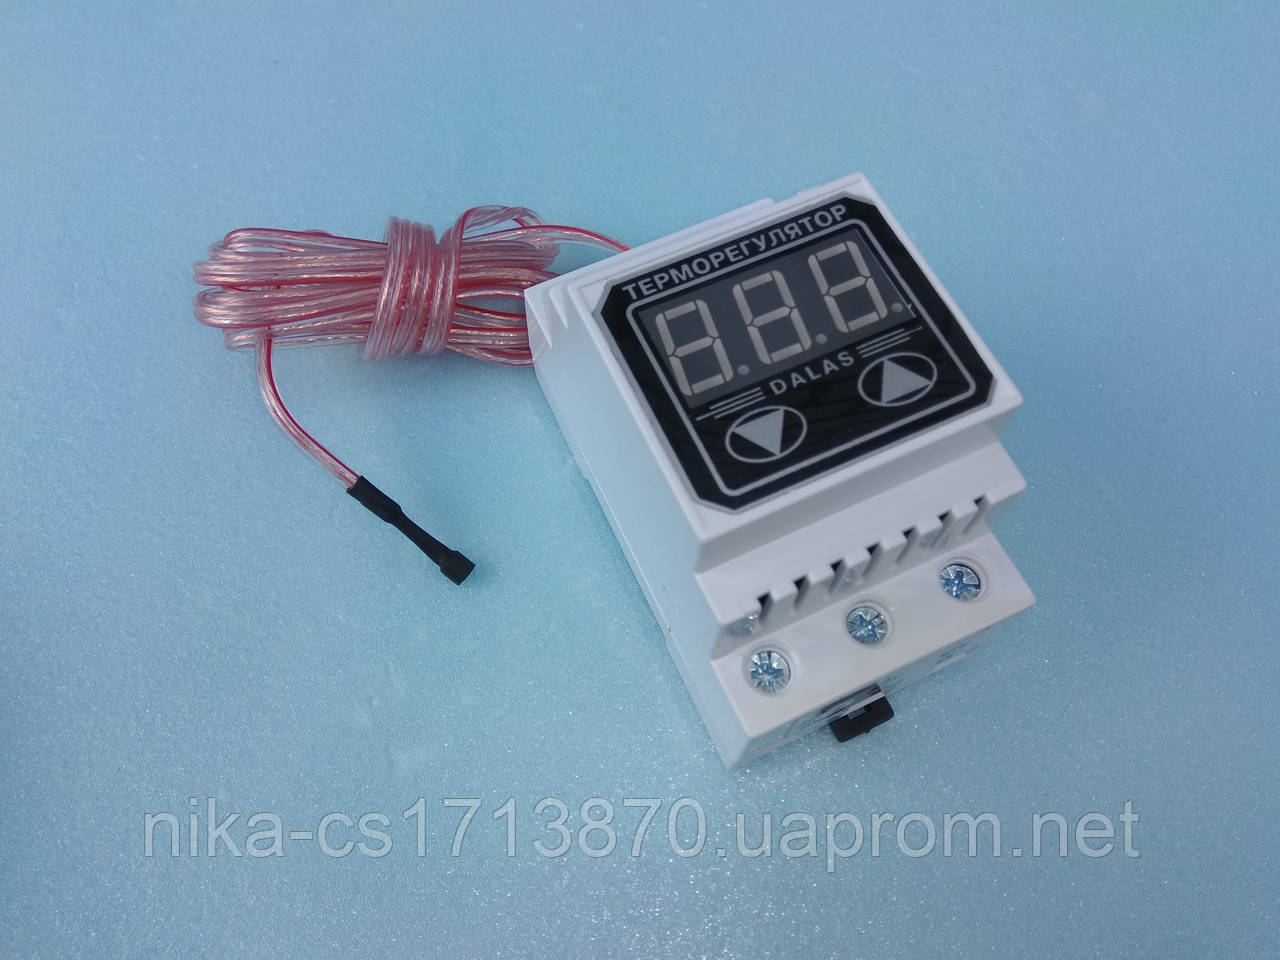 Цифровий 2-х пороговий терморегулятор з посиленими клемах Далас-40 А / 220 В.